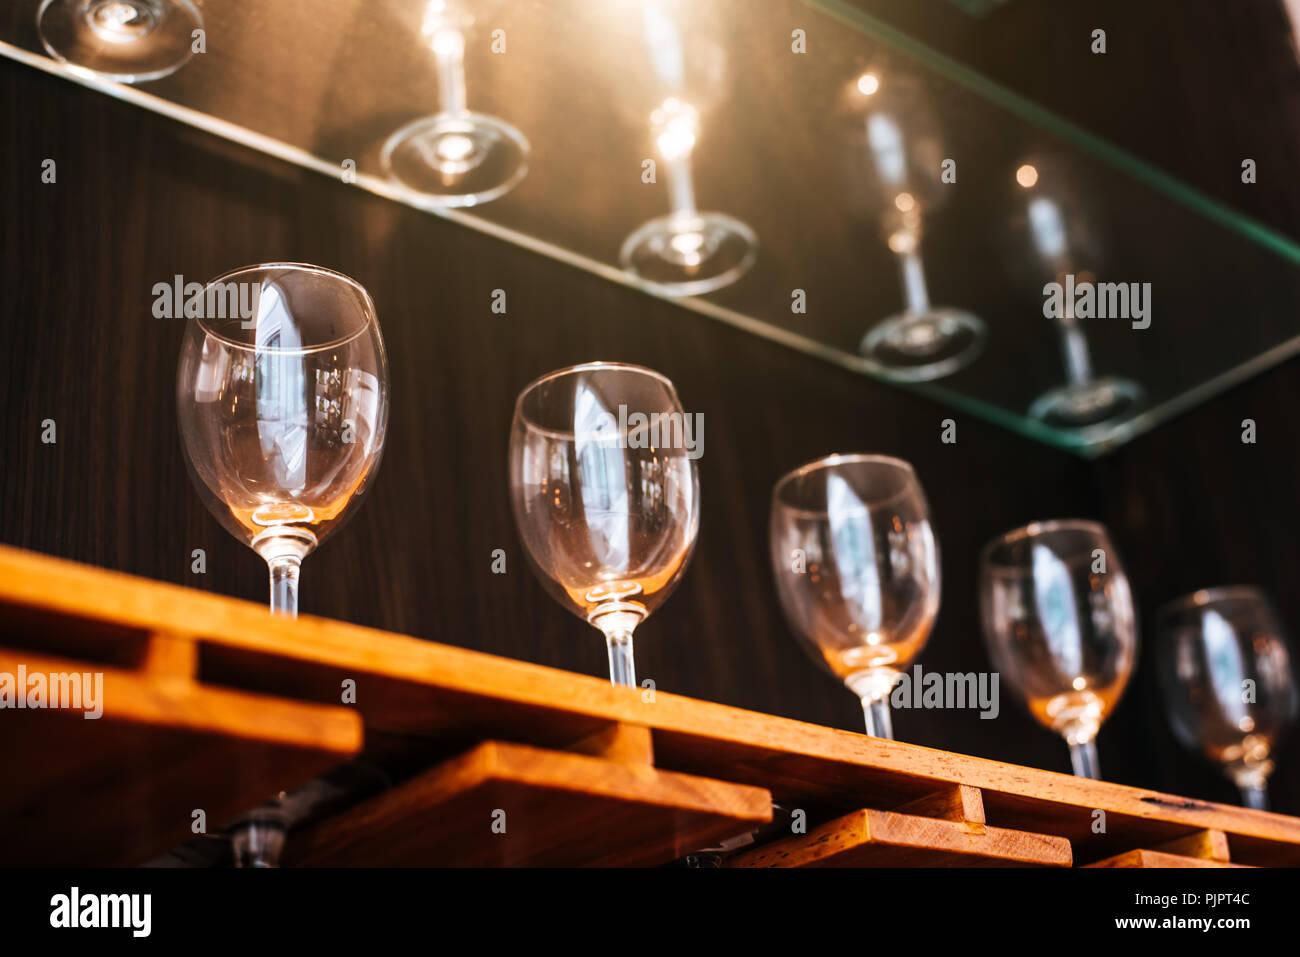 Bere bicchieri di vino ripiano nel ristorante con vetrina di